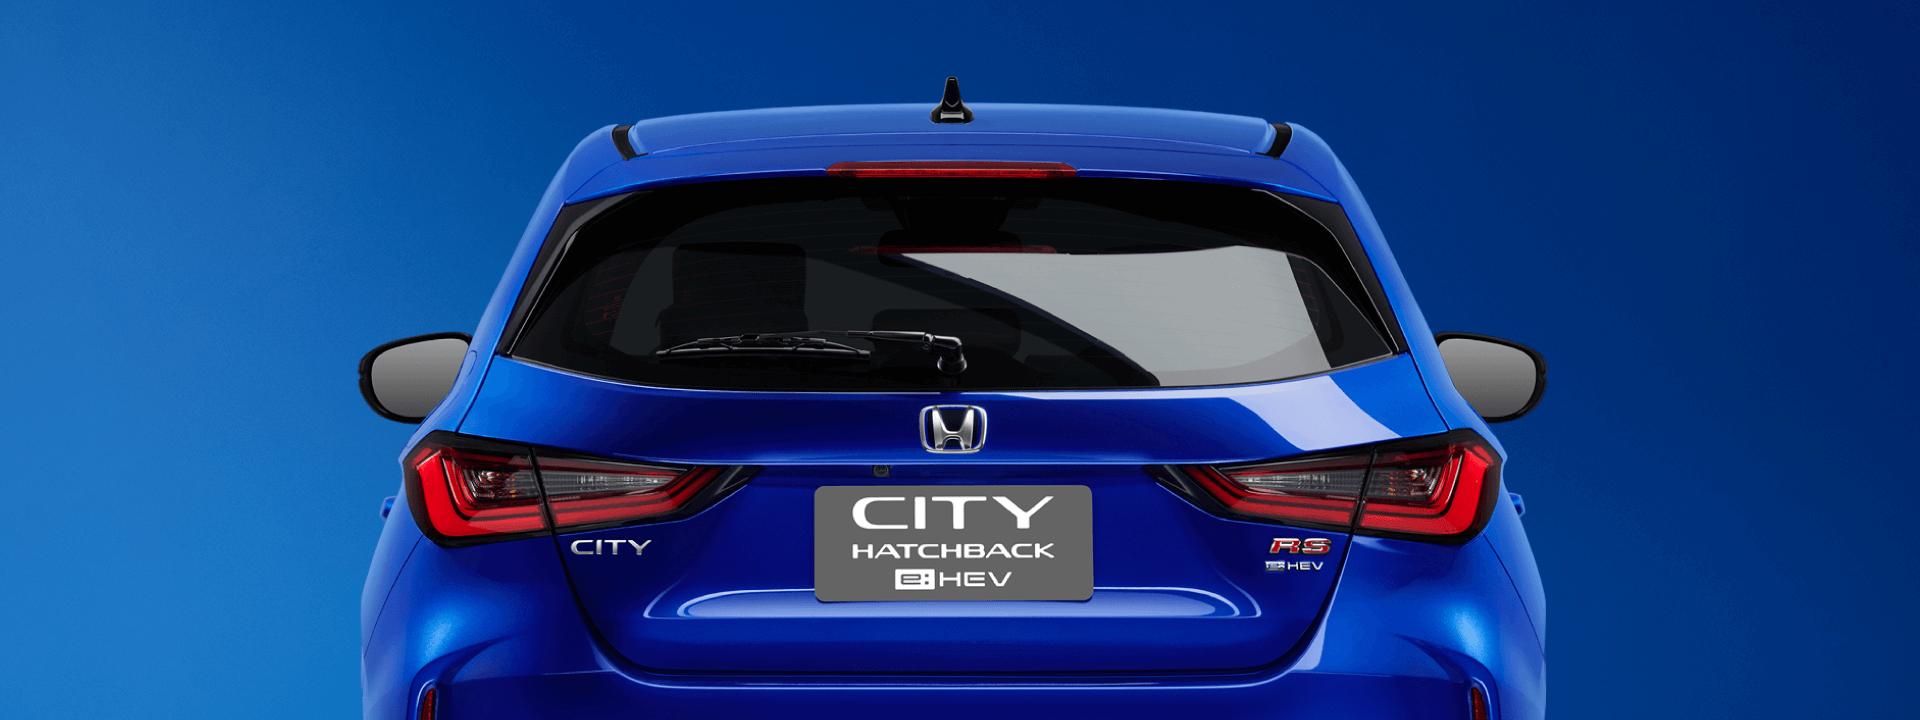 รูปภายนอก Honda The City Hatchback e:HEV